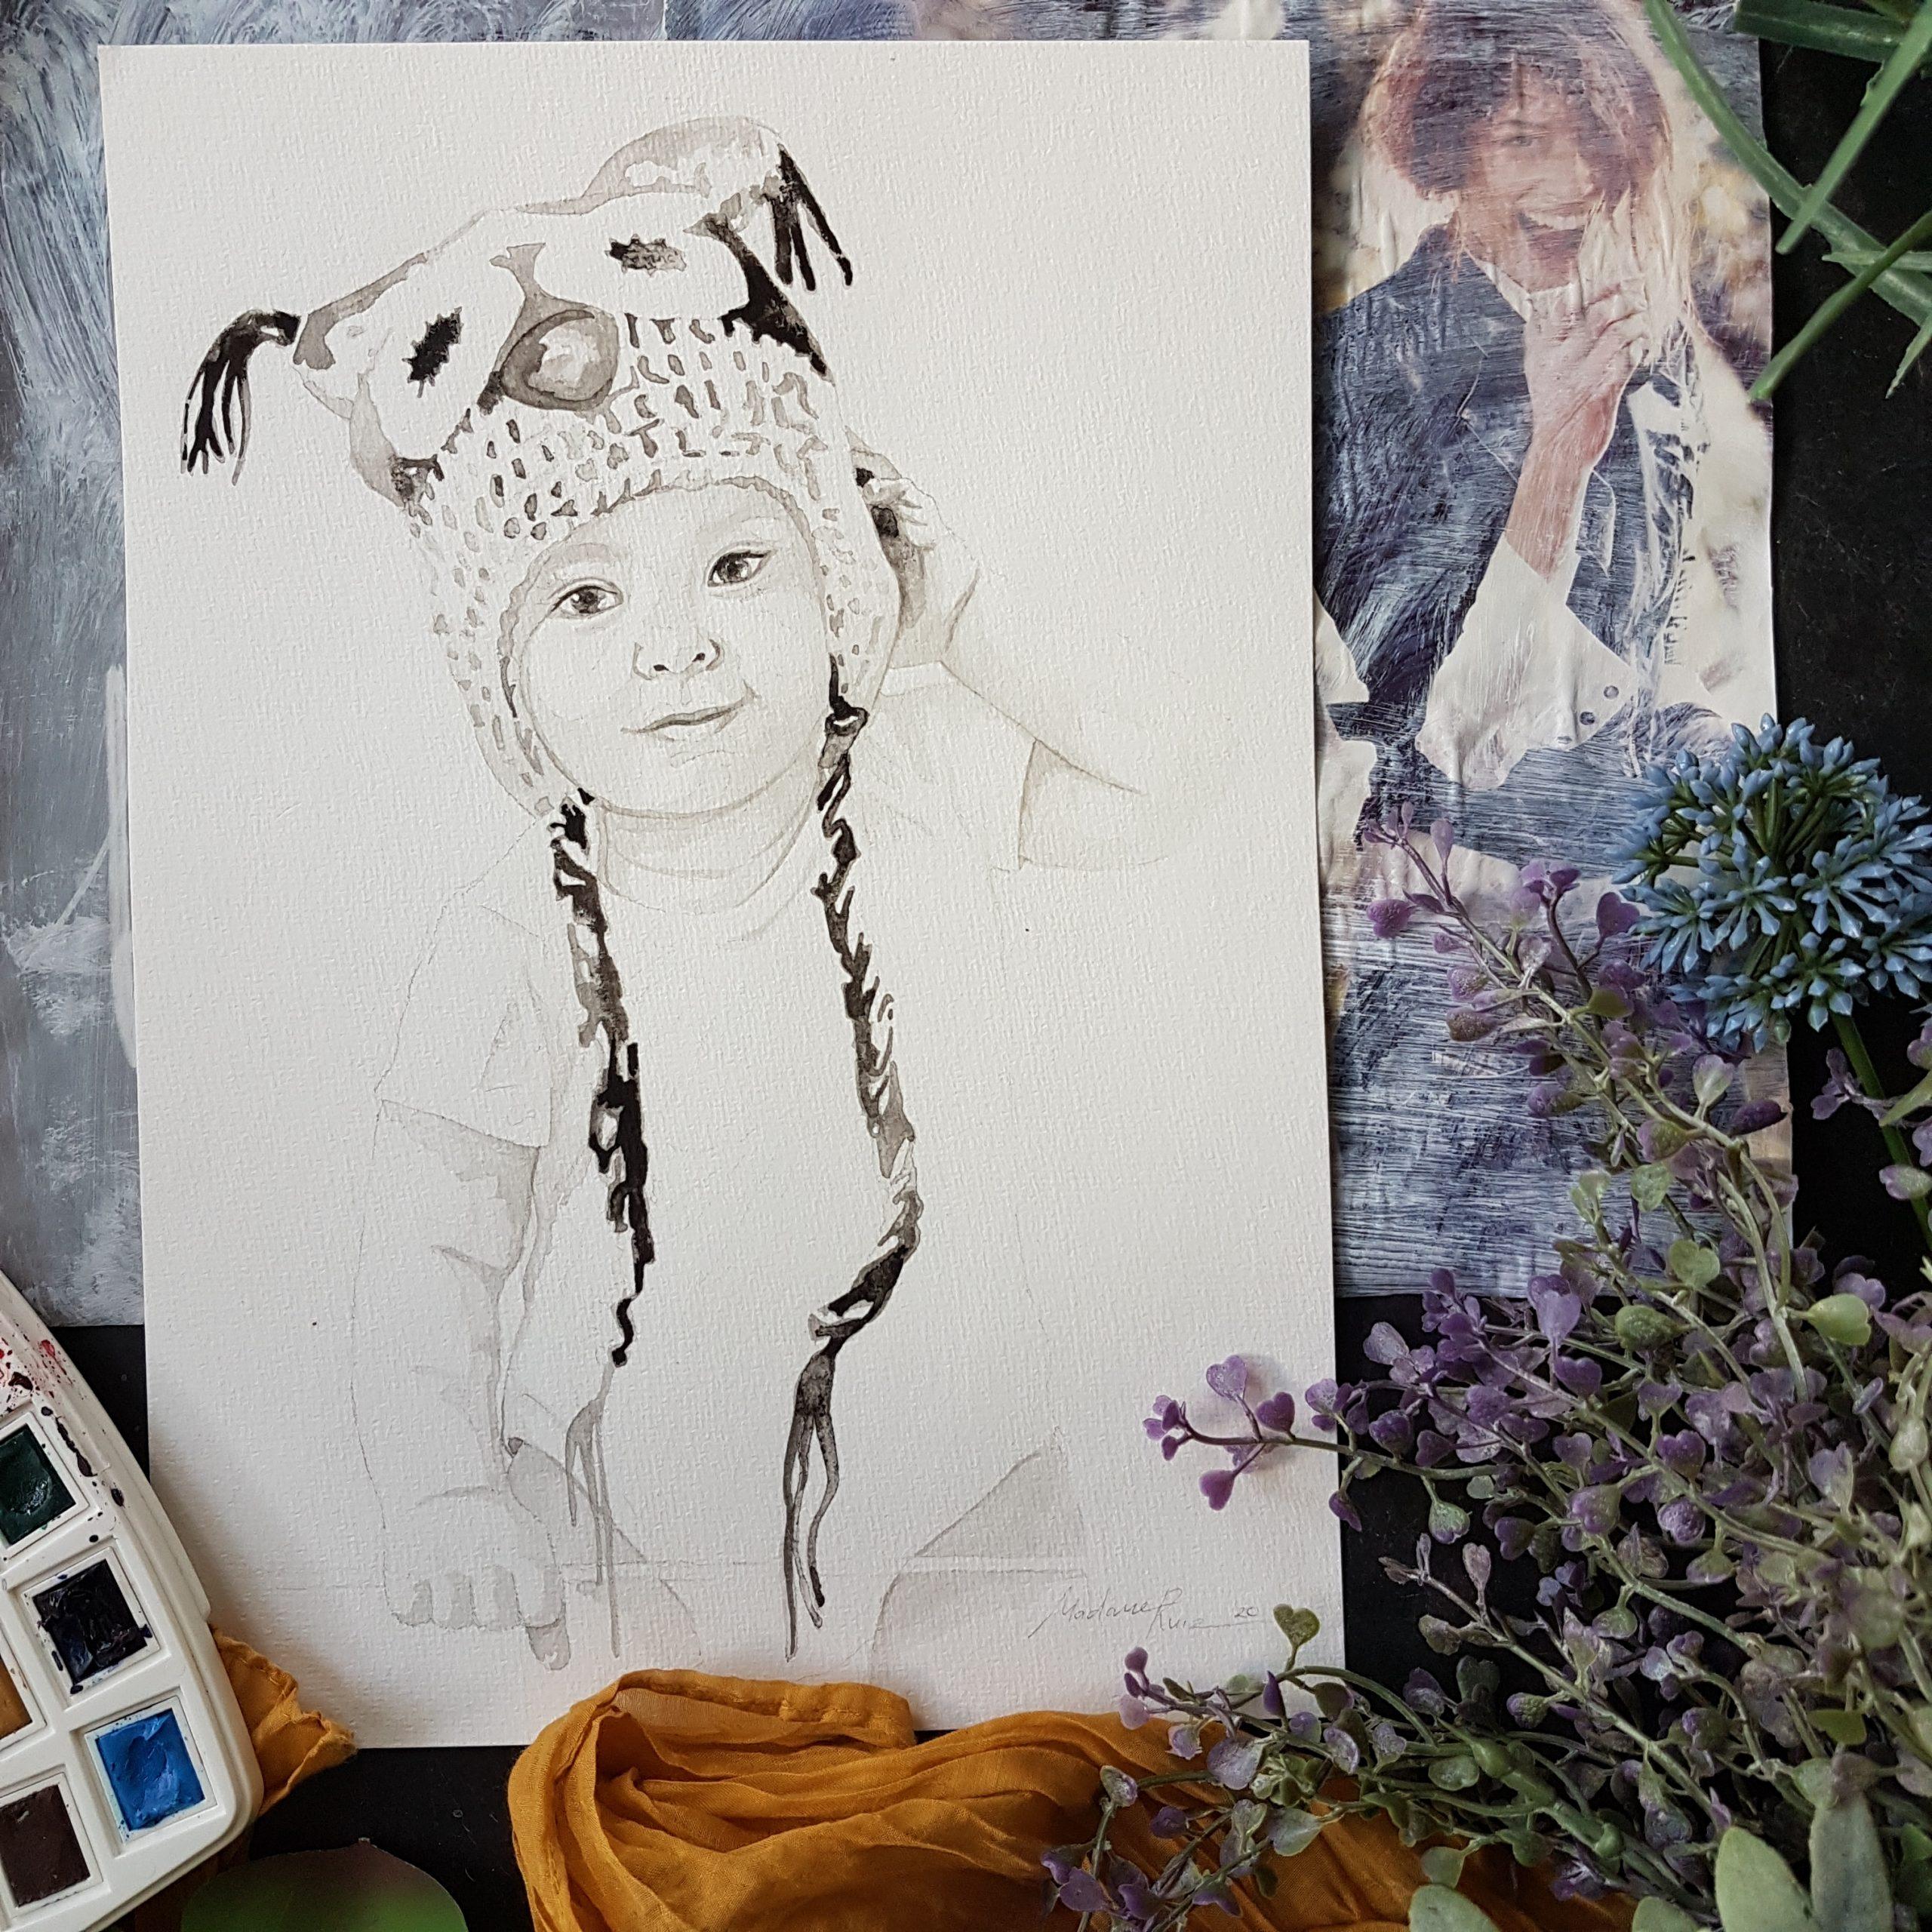 inkt portret van een kind met een uilenmutsje op en een romper aan